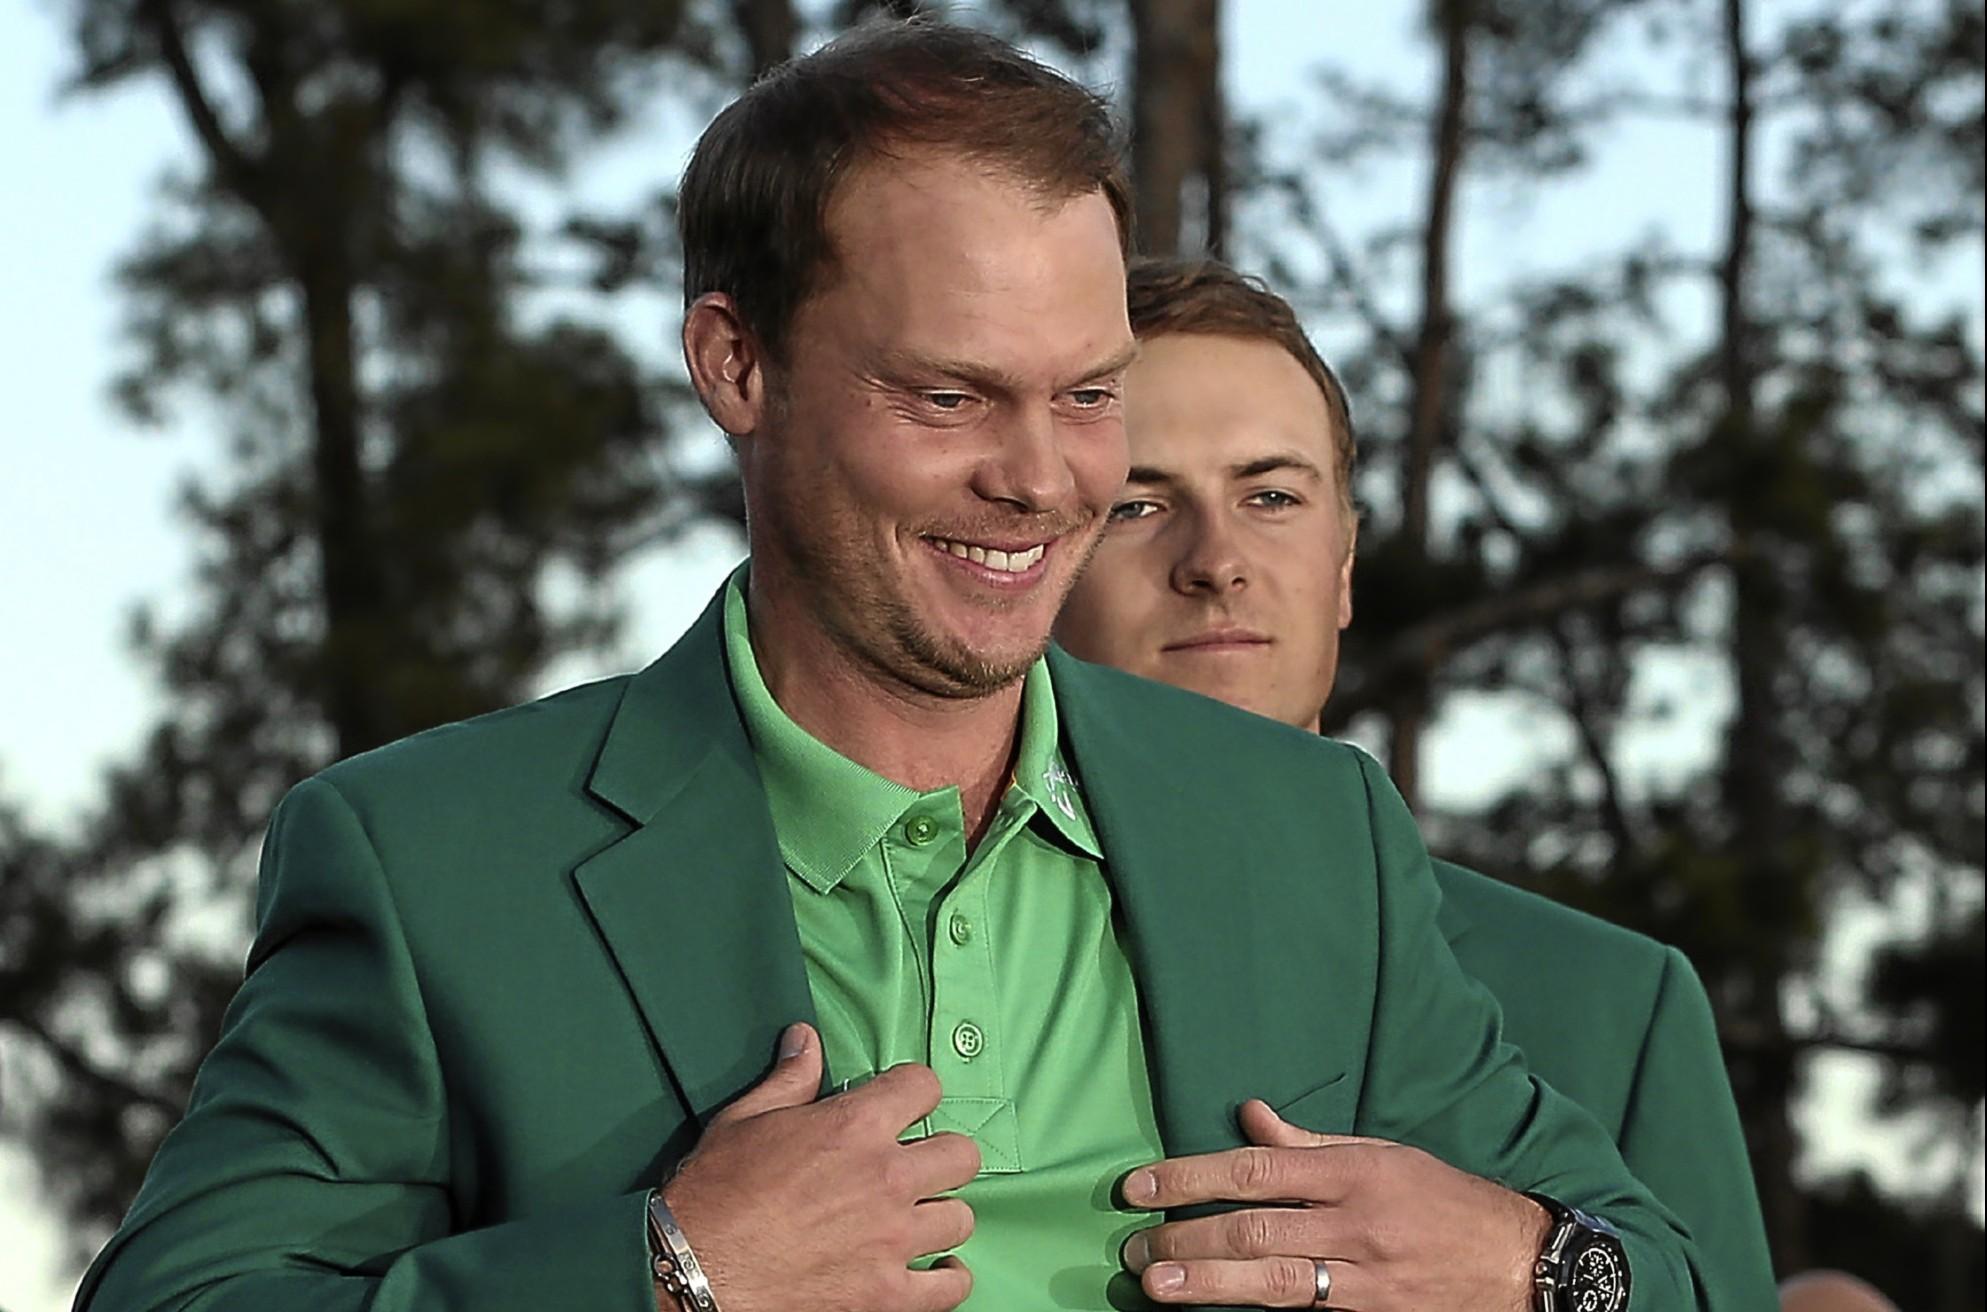 Danny Willett receiving his Green Jacket.